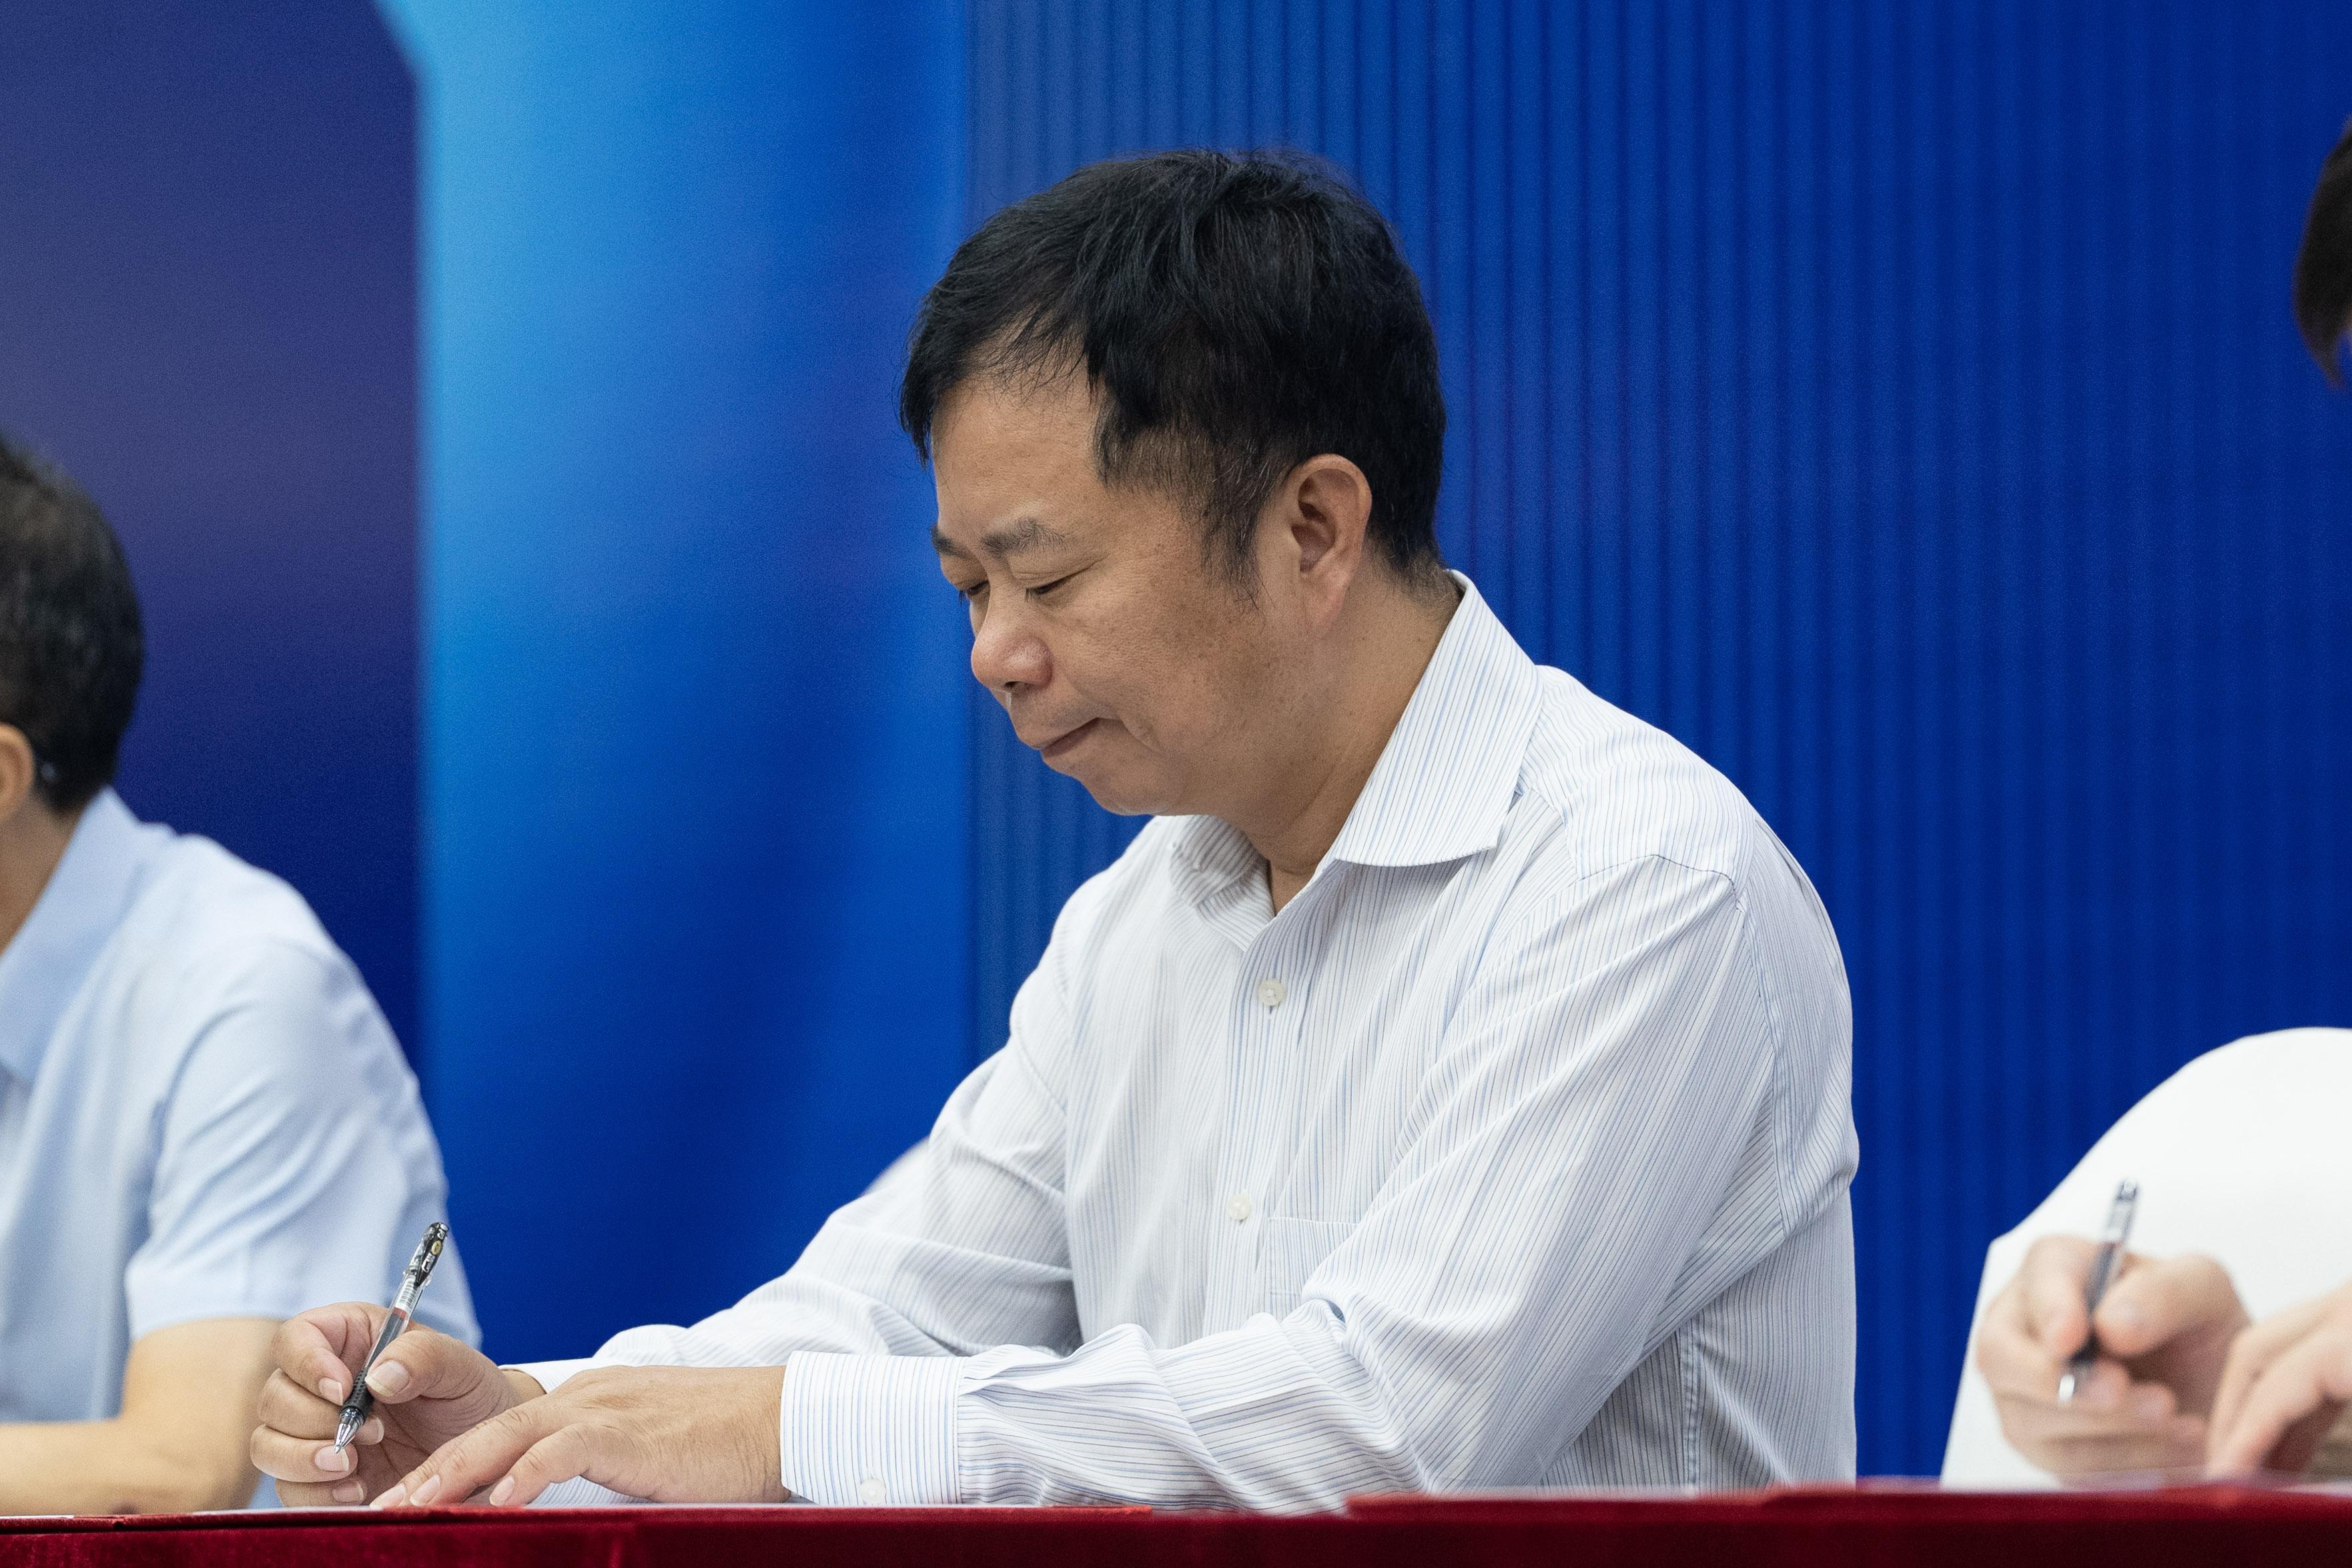 广东现代国际展览中心有限公司副董事长 林集永.JPG